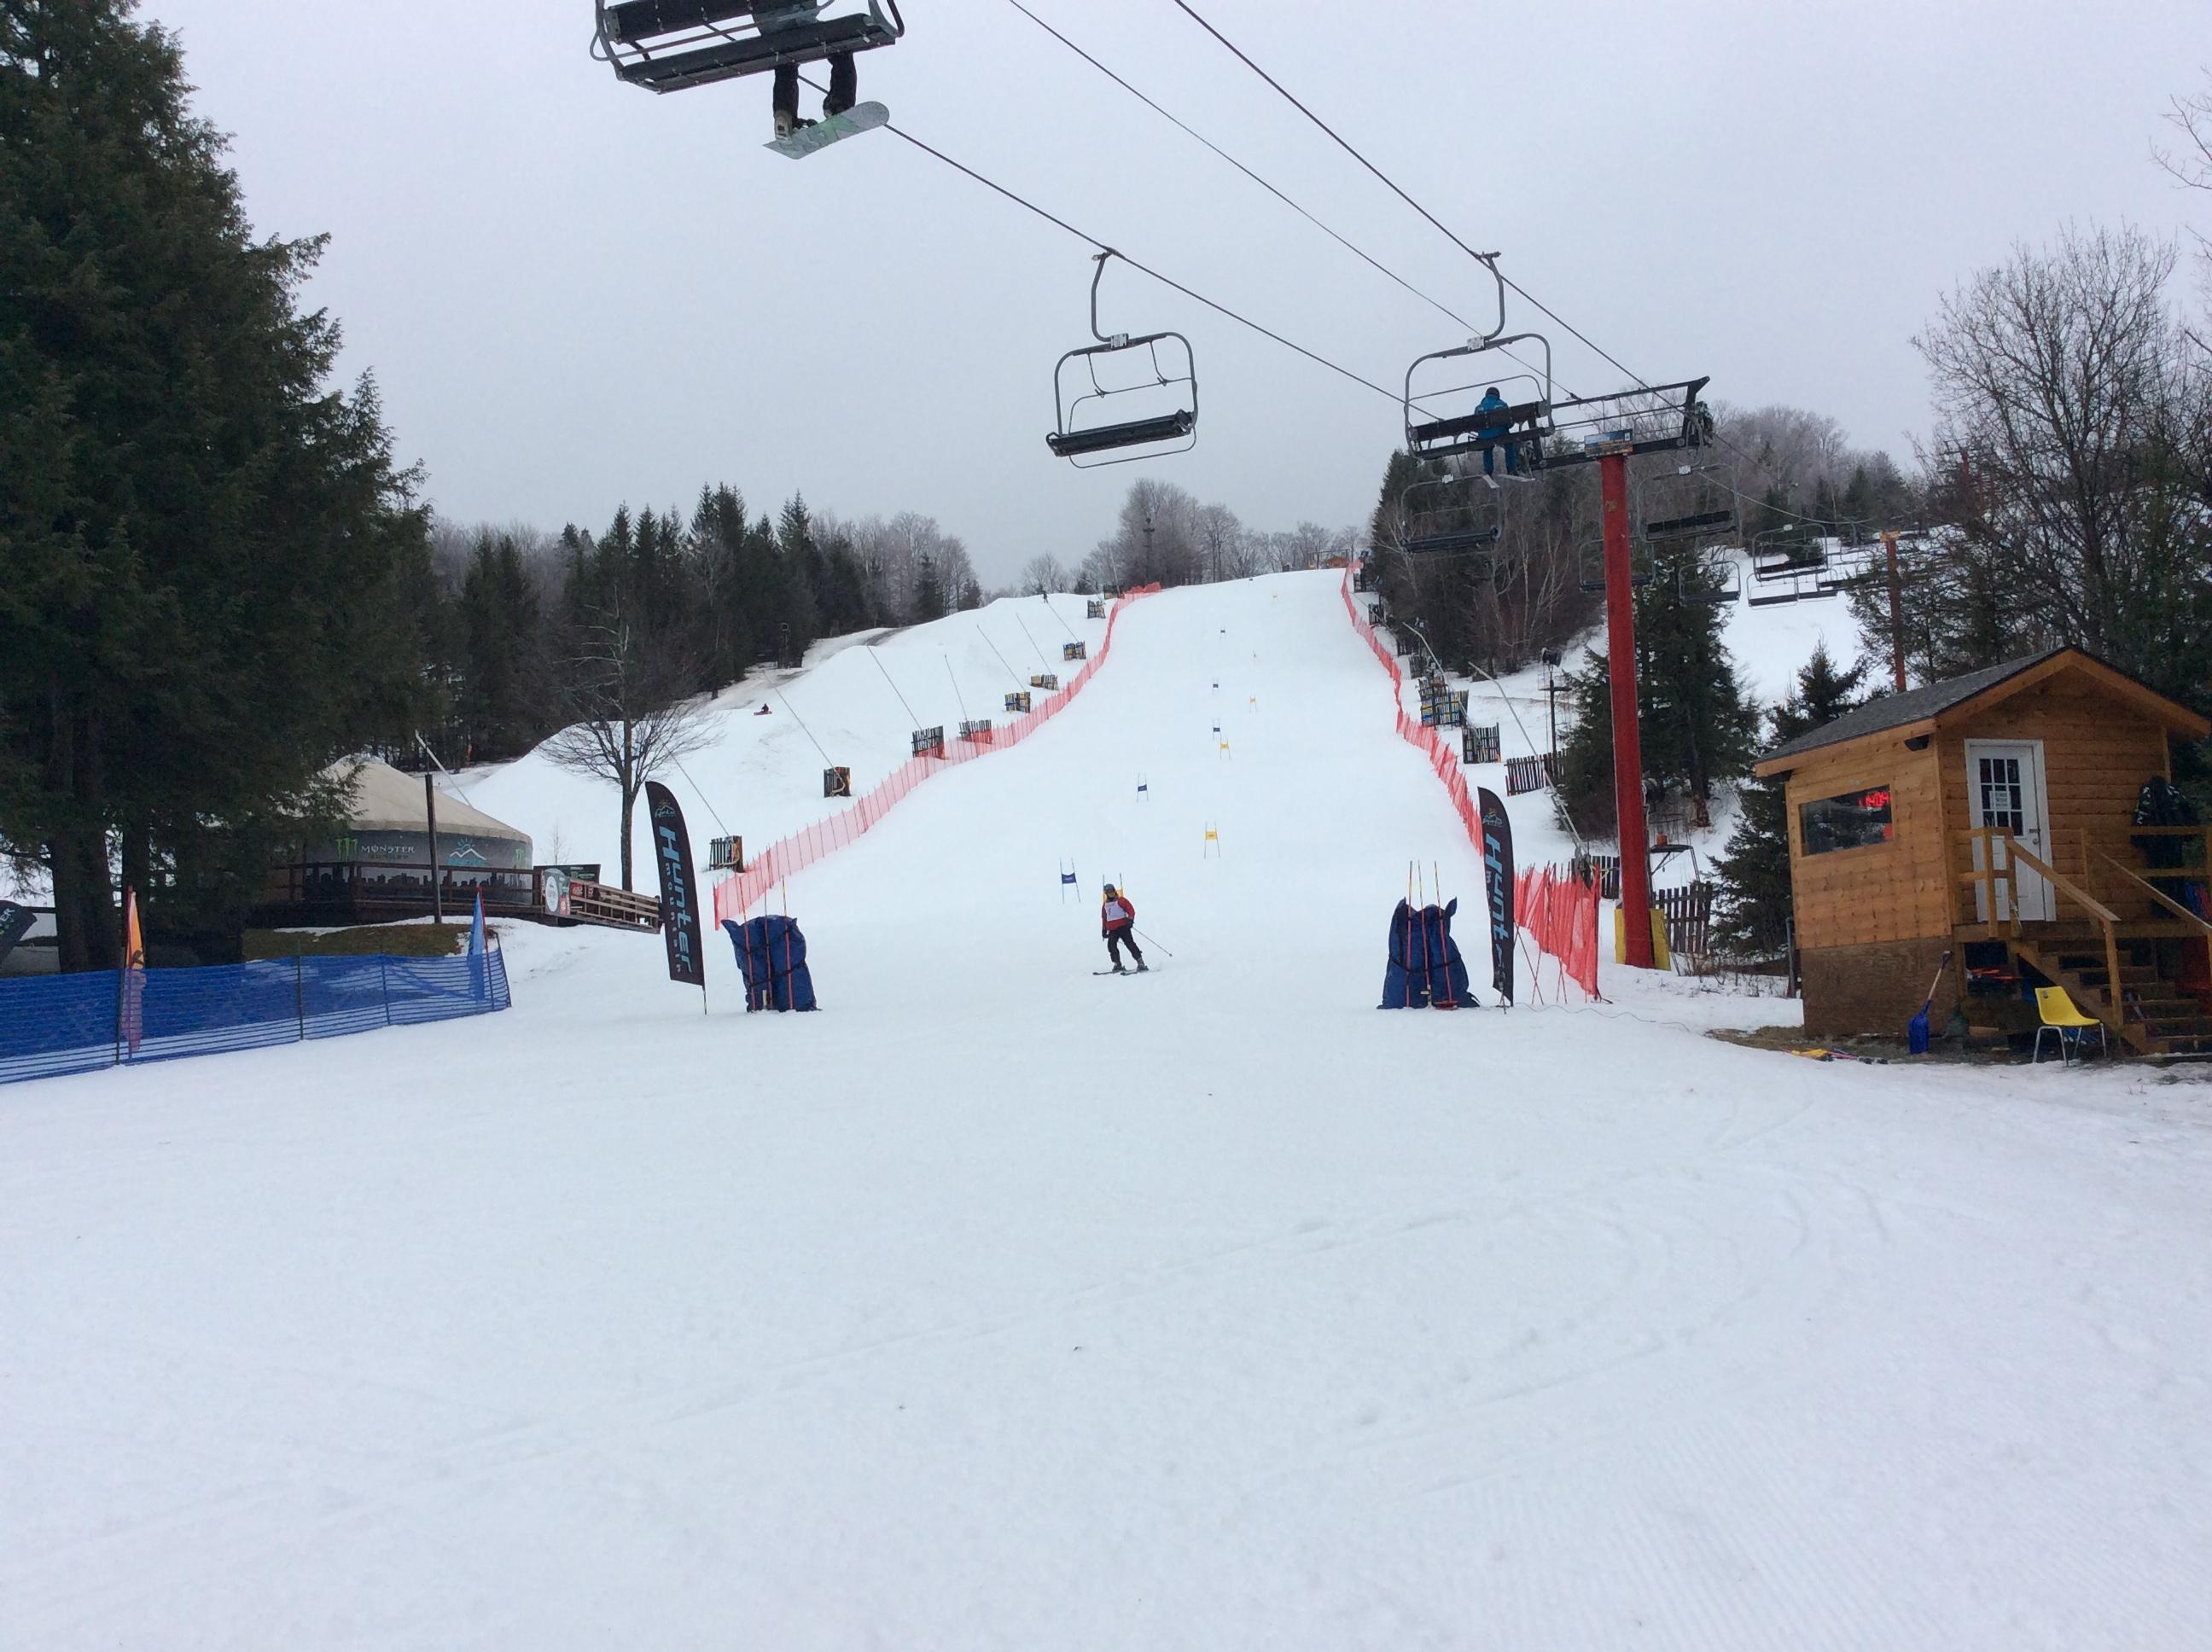 nypd-ski-club_32245990212_o